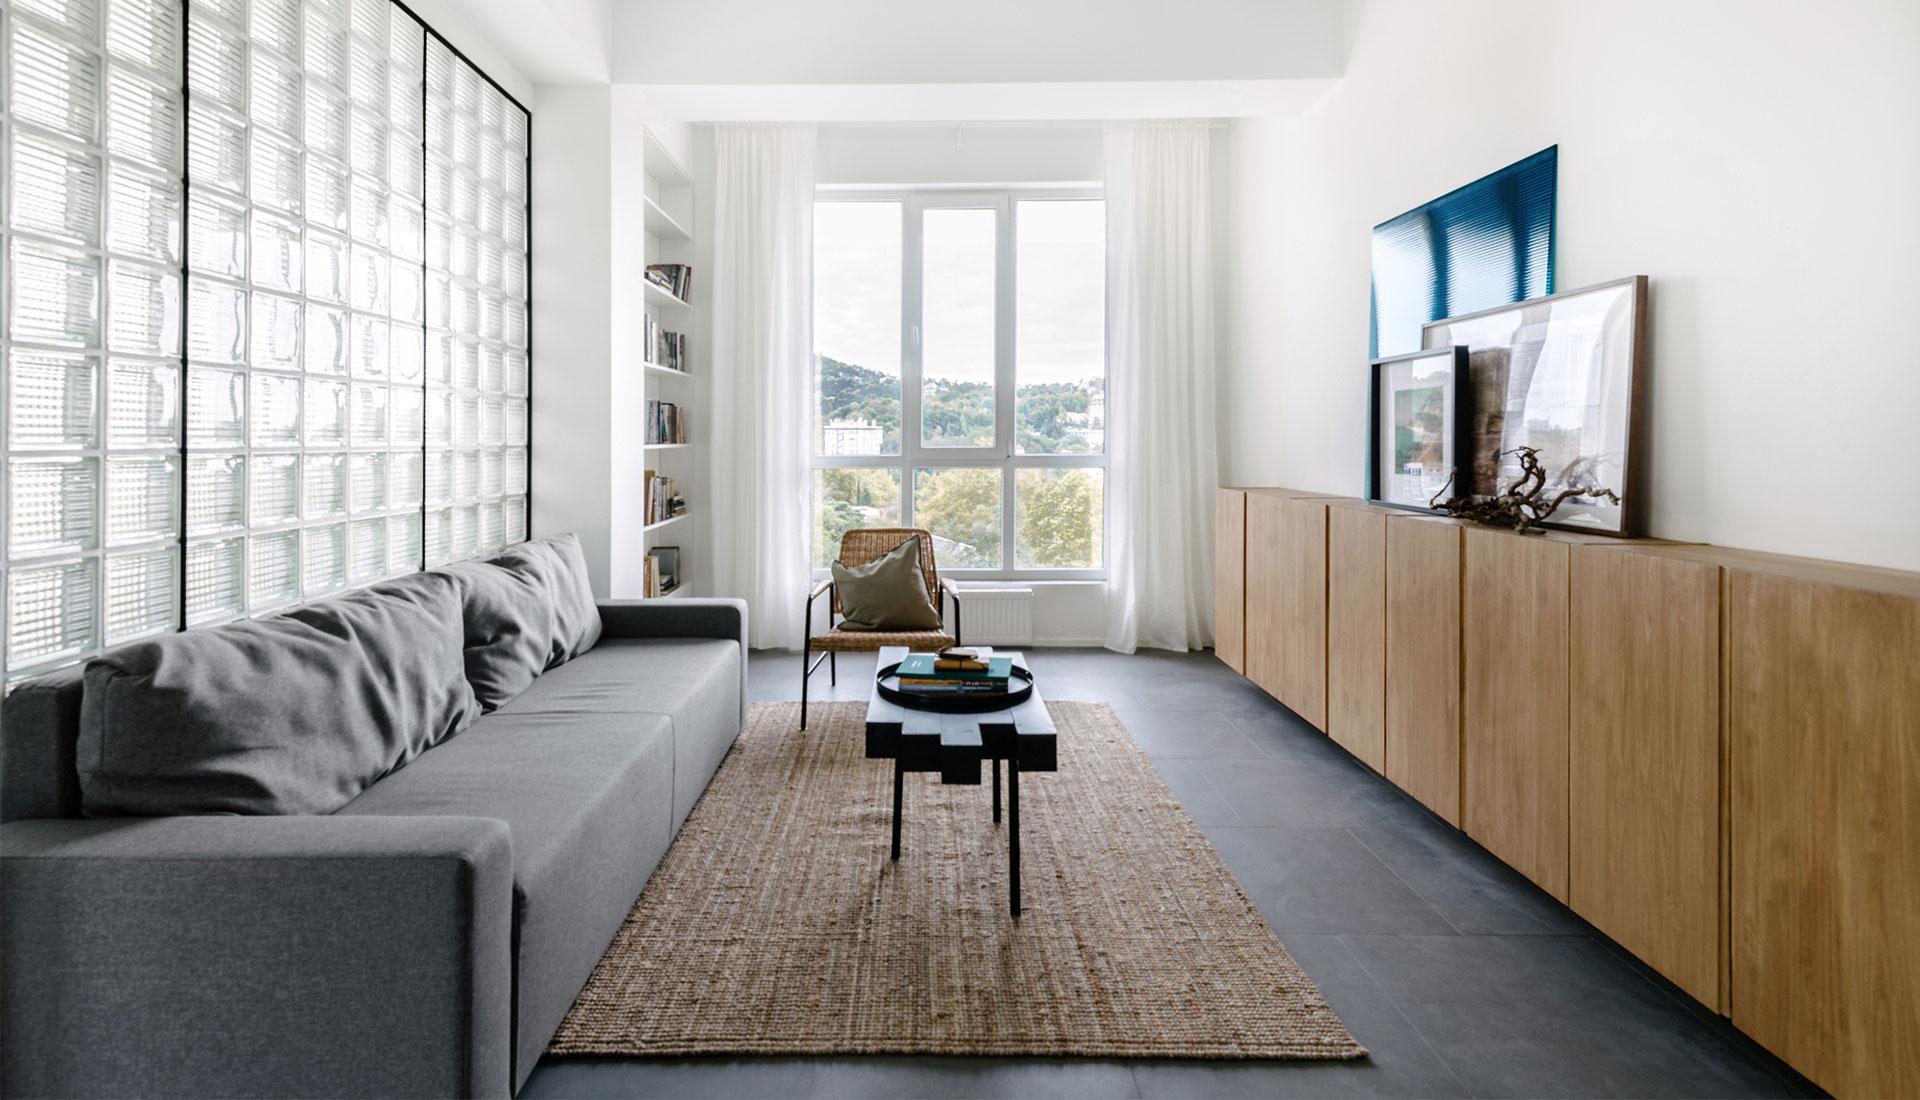 Мария Чек: минималистичная квартира в Сочи